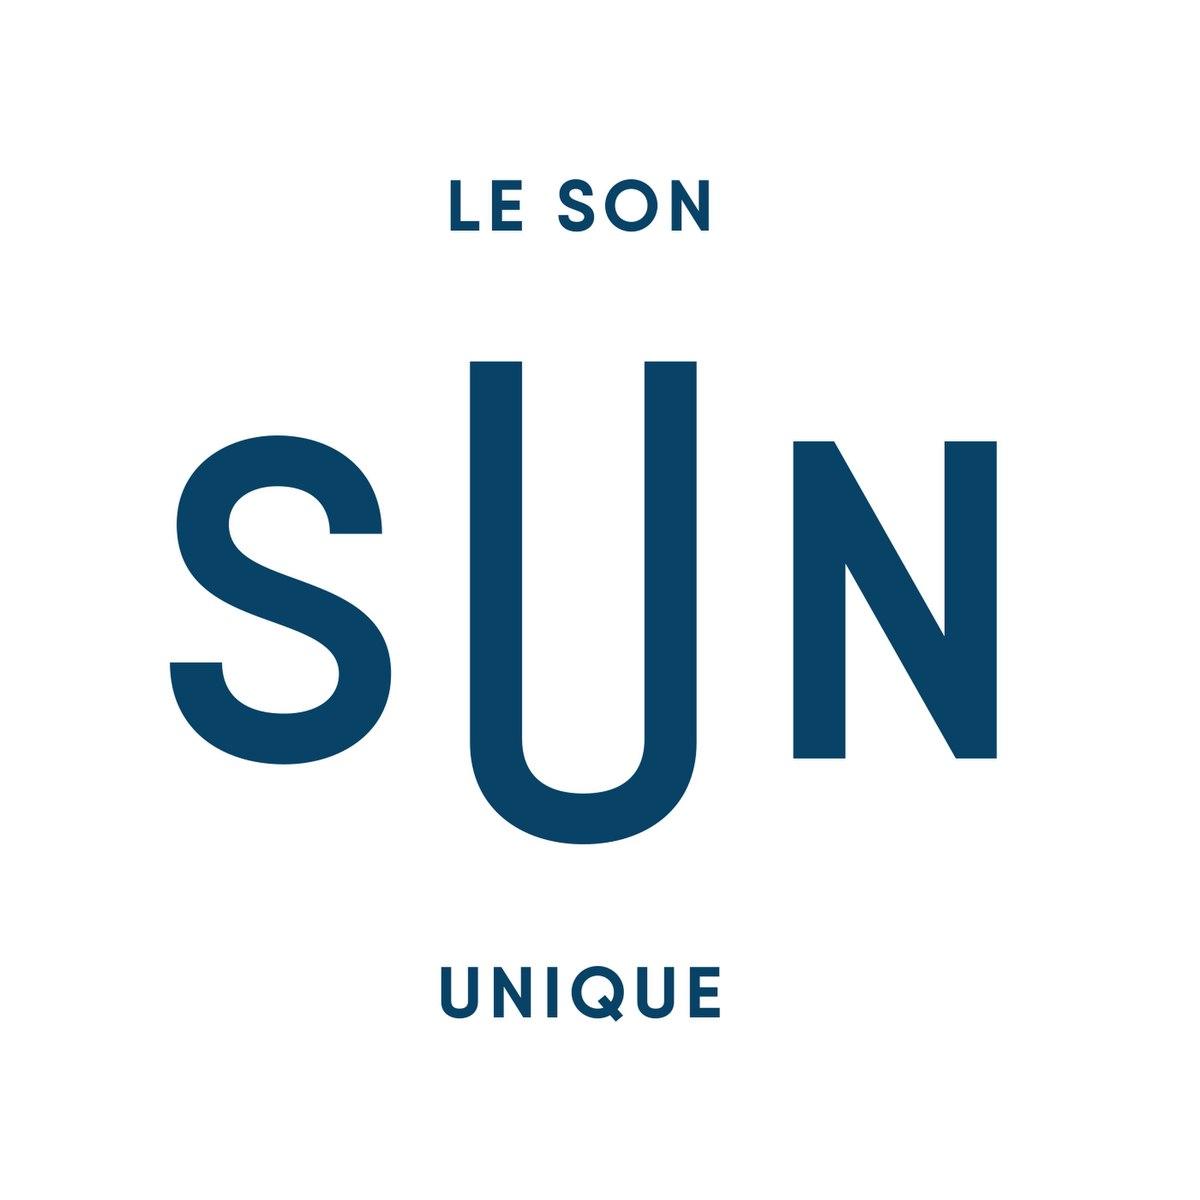 SUN - Le Son Unique — Wikipédia